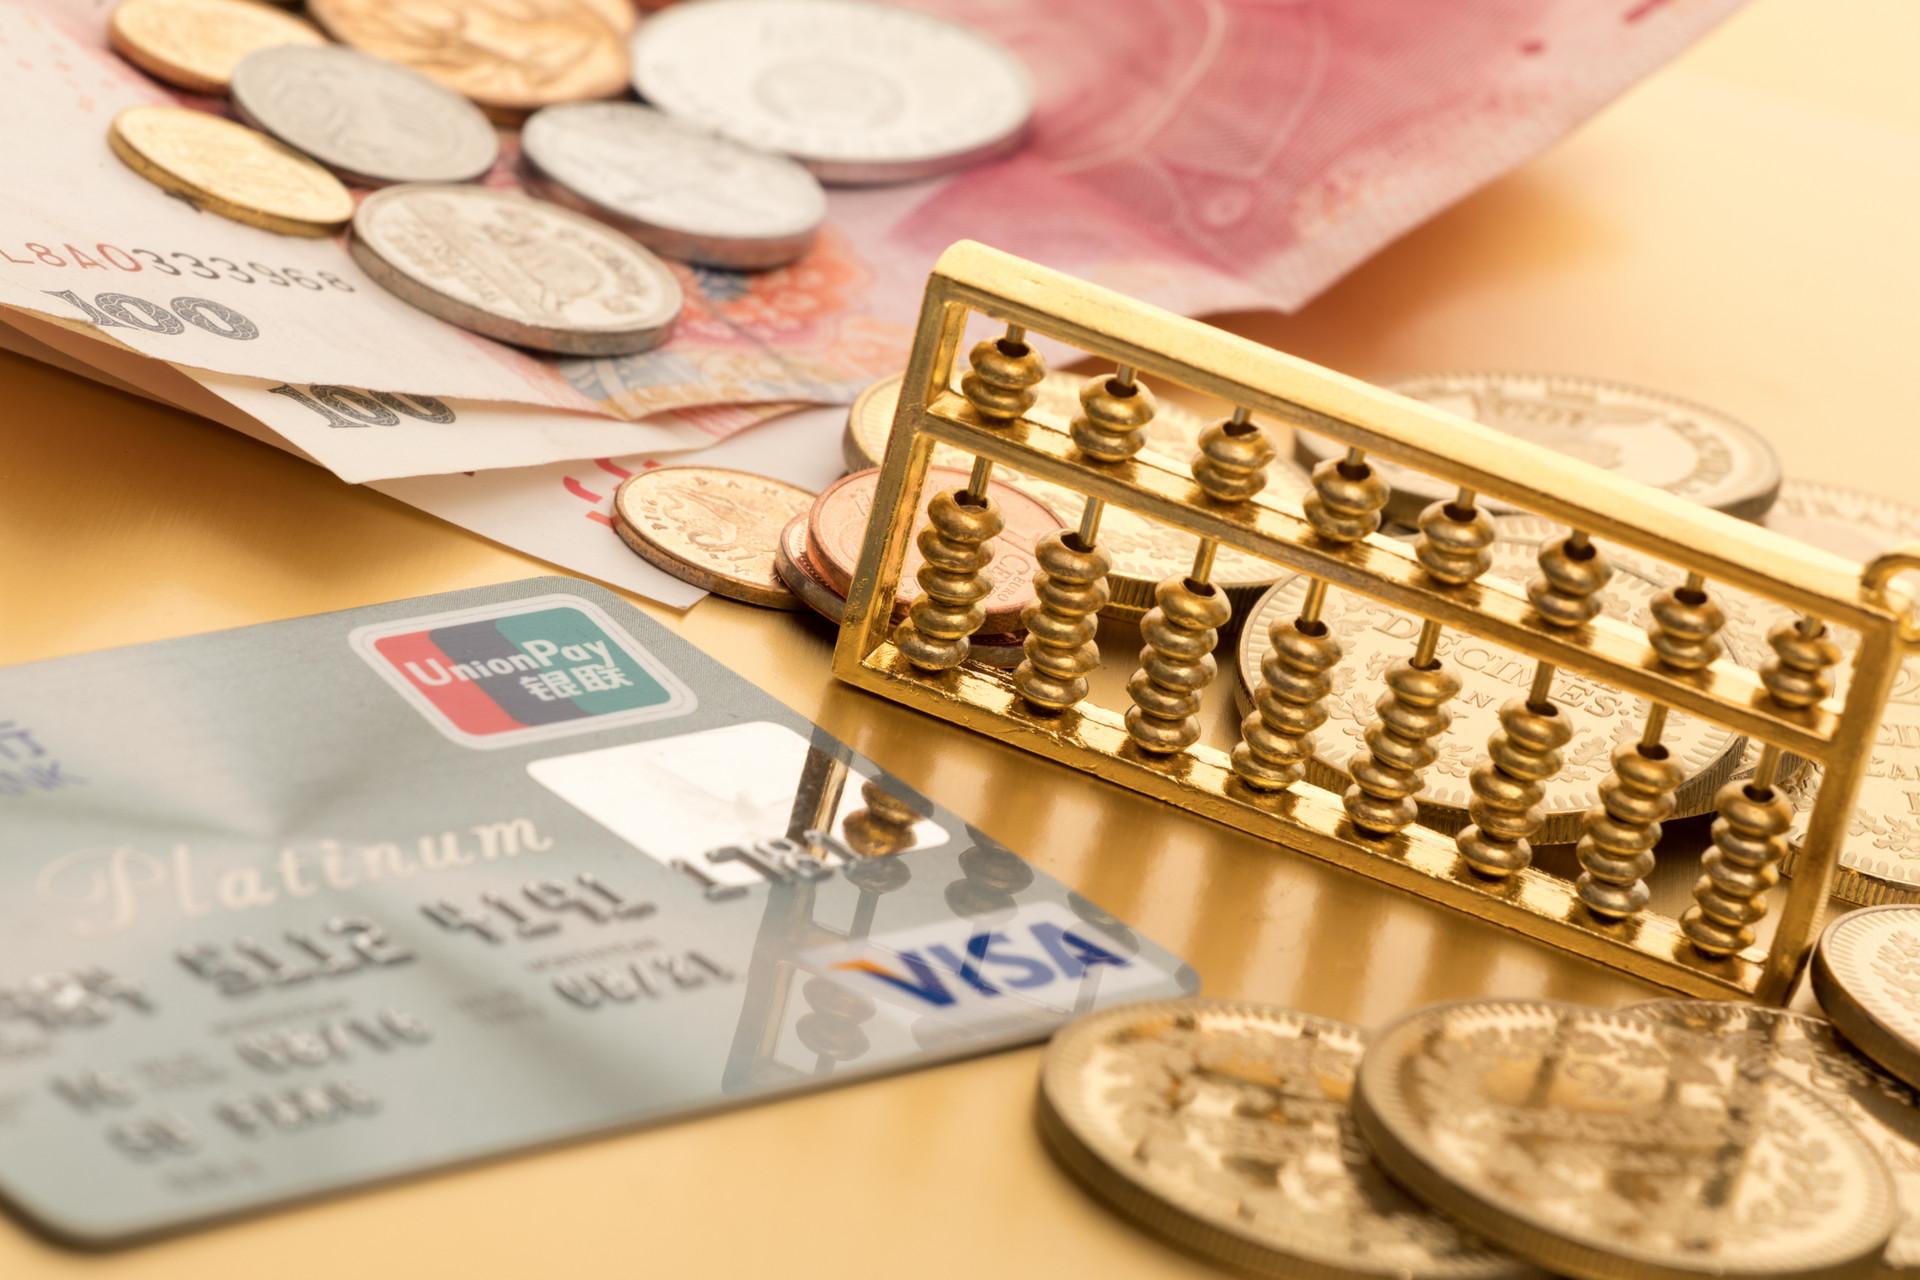 银行体检一般检查哪些项目